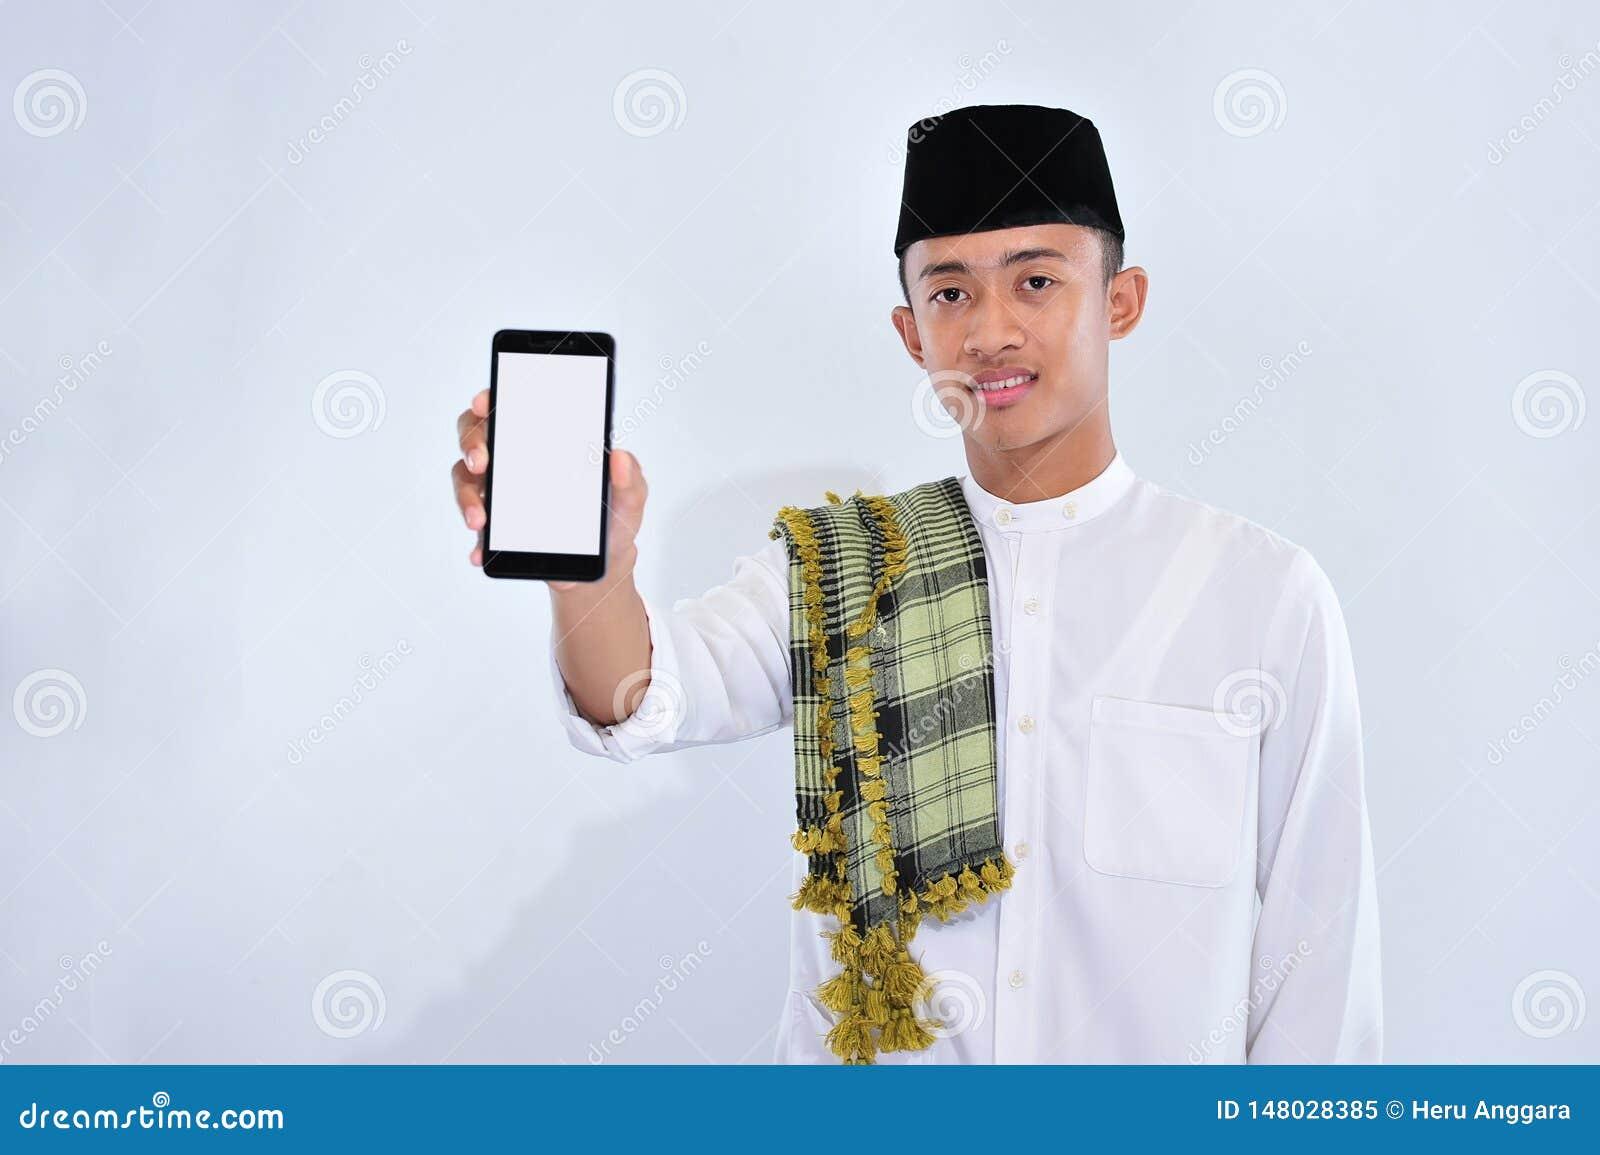 Stående av en le ung muslim man som pekar på den vita skärmmobiltelefonen